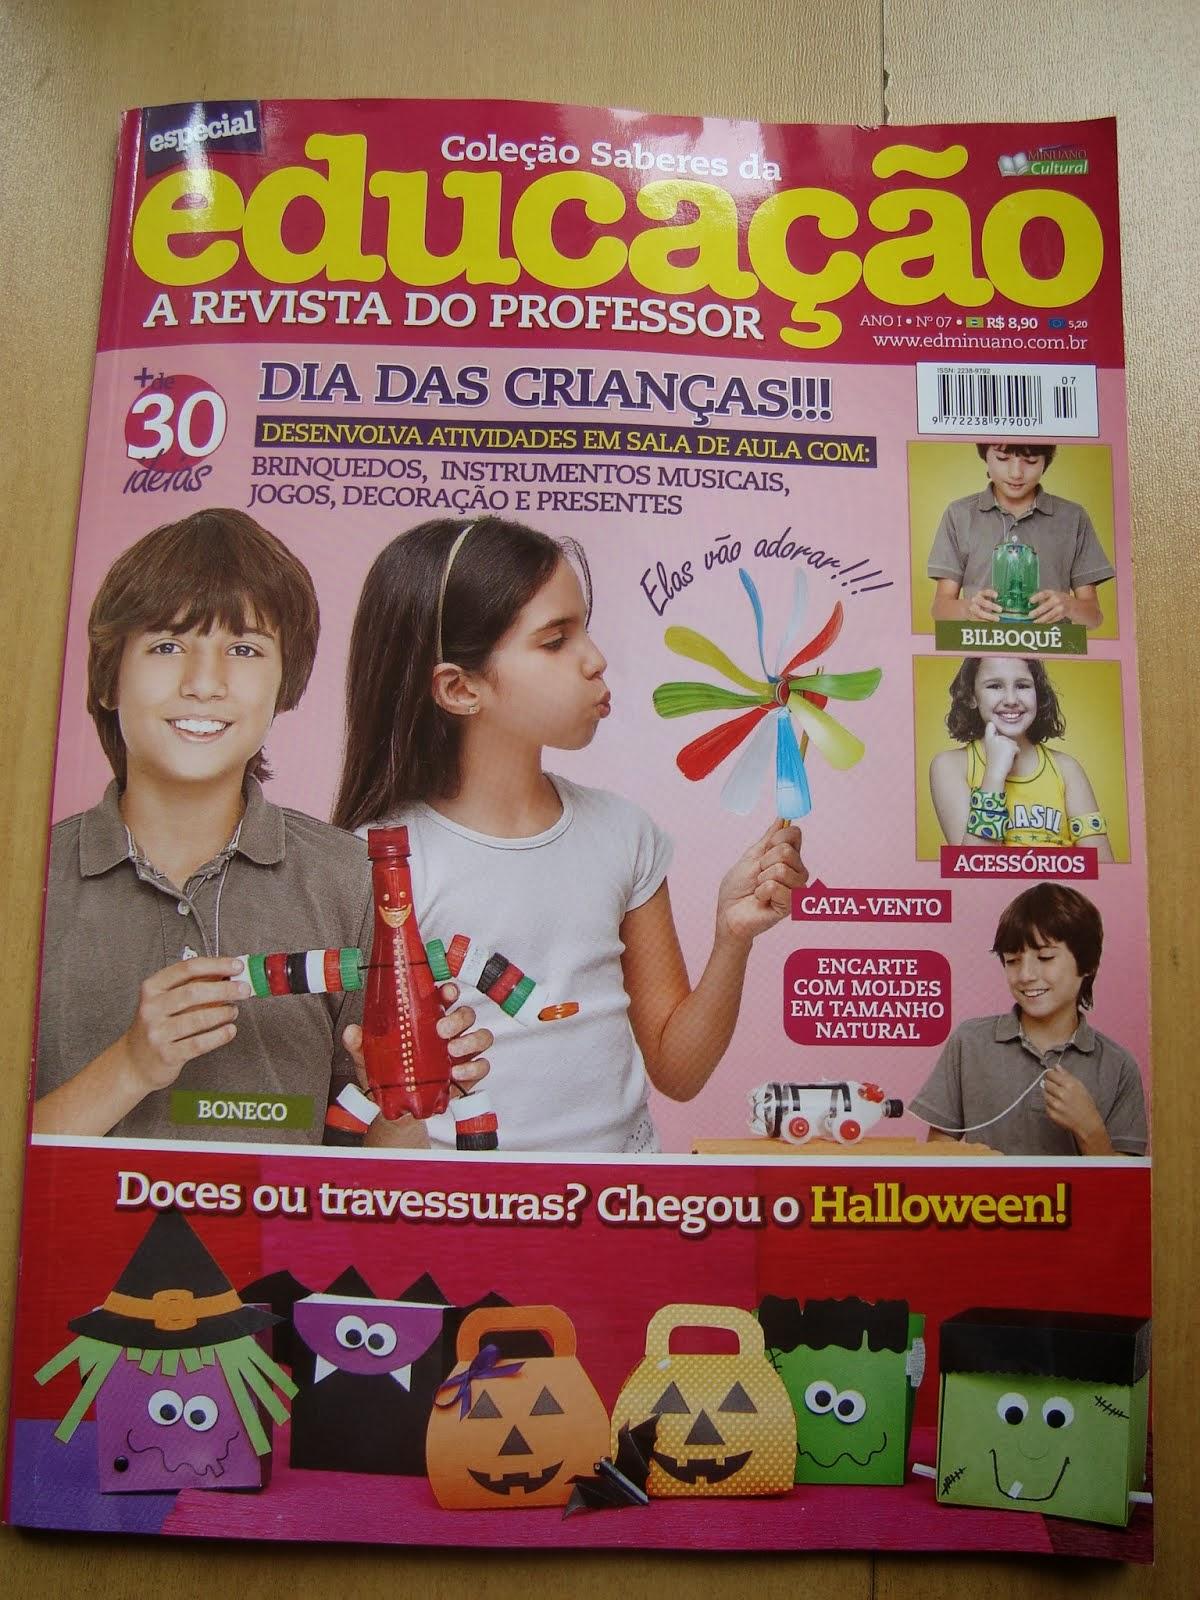 Publicações em revista